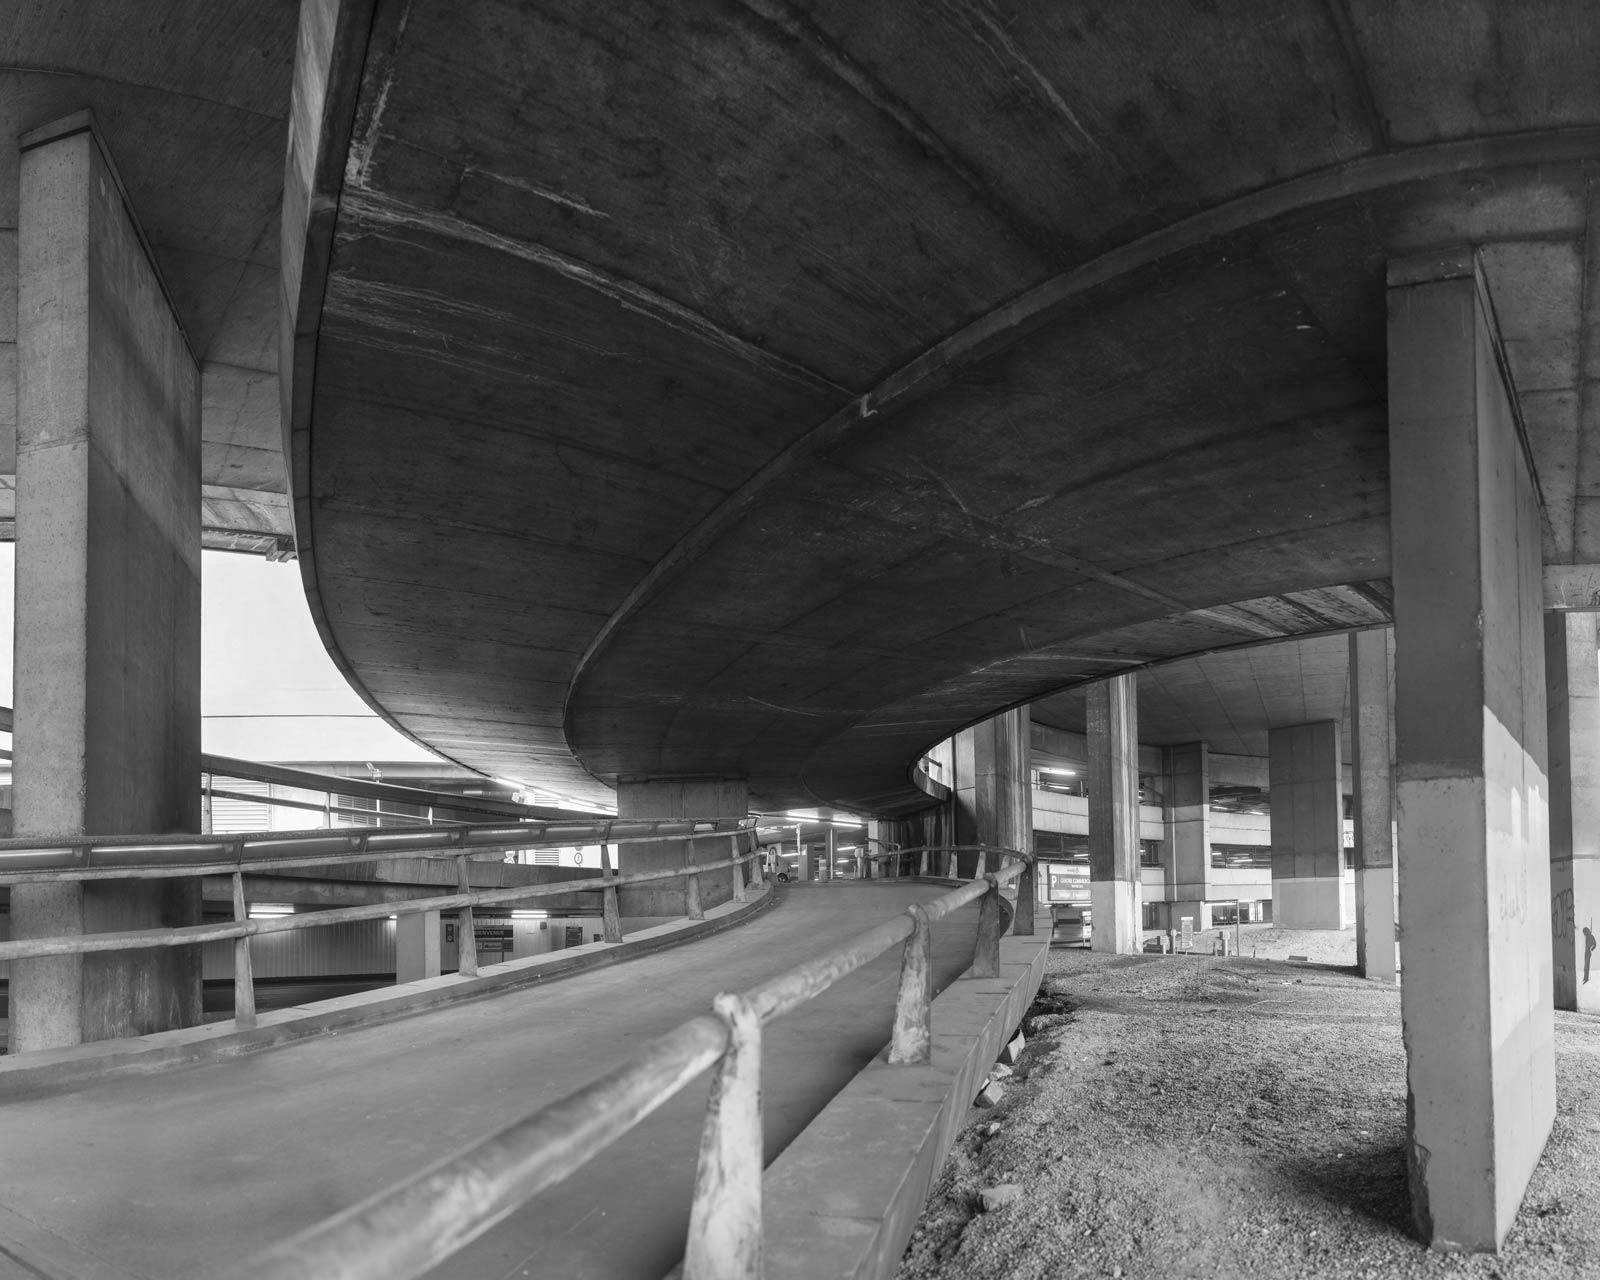 typologie-du-beton_07_ludovic-maillard